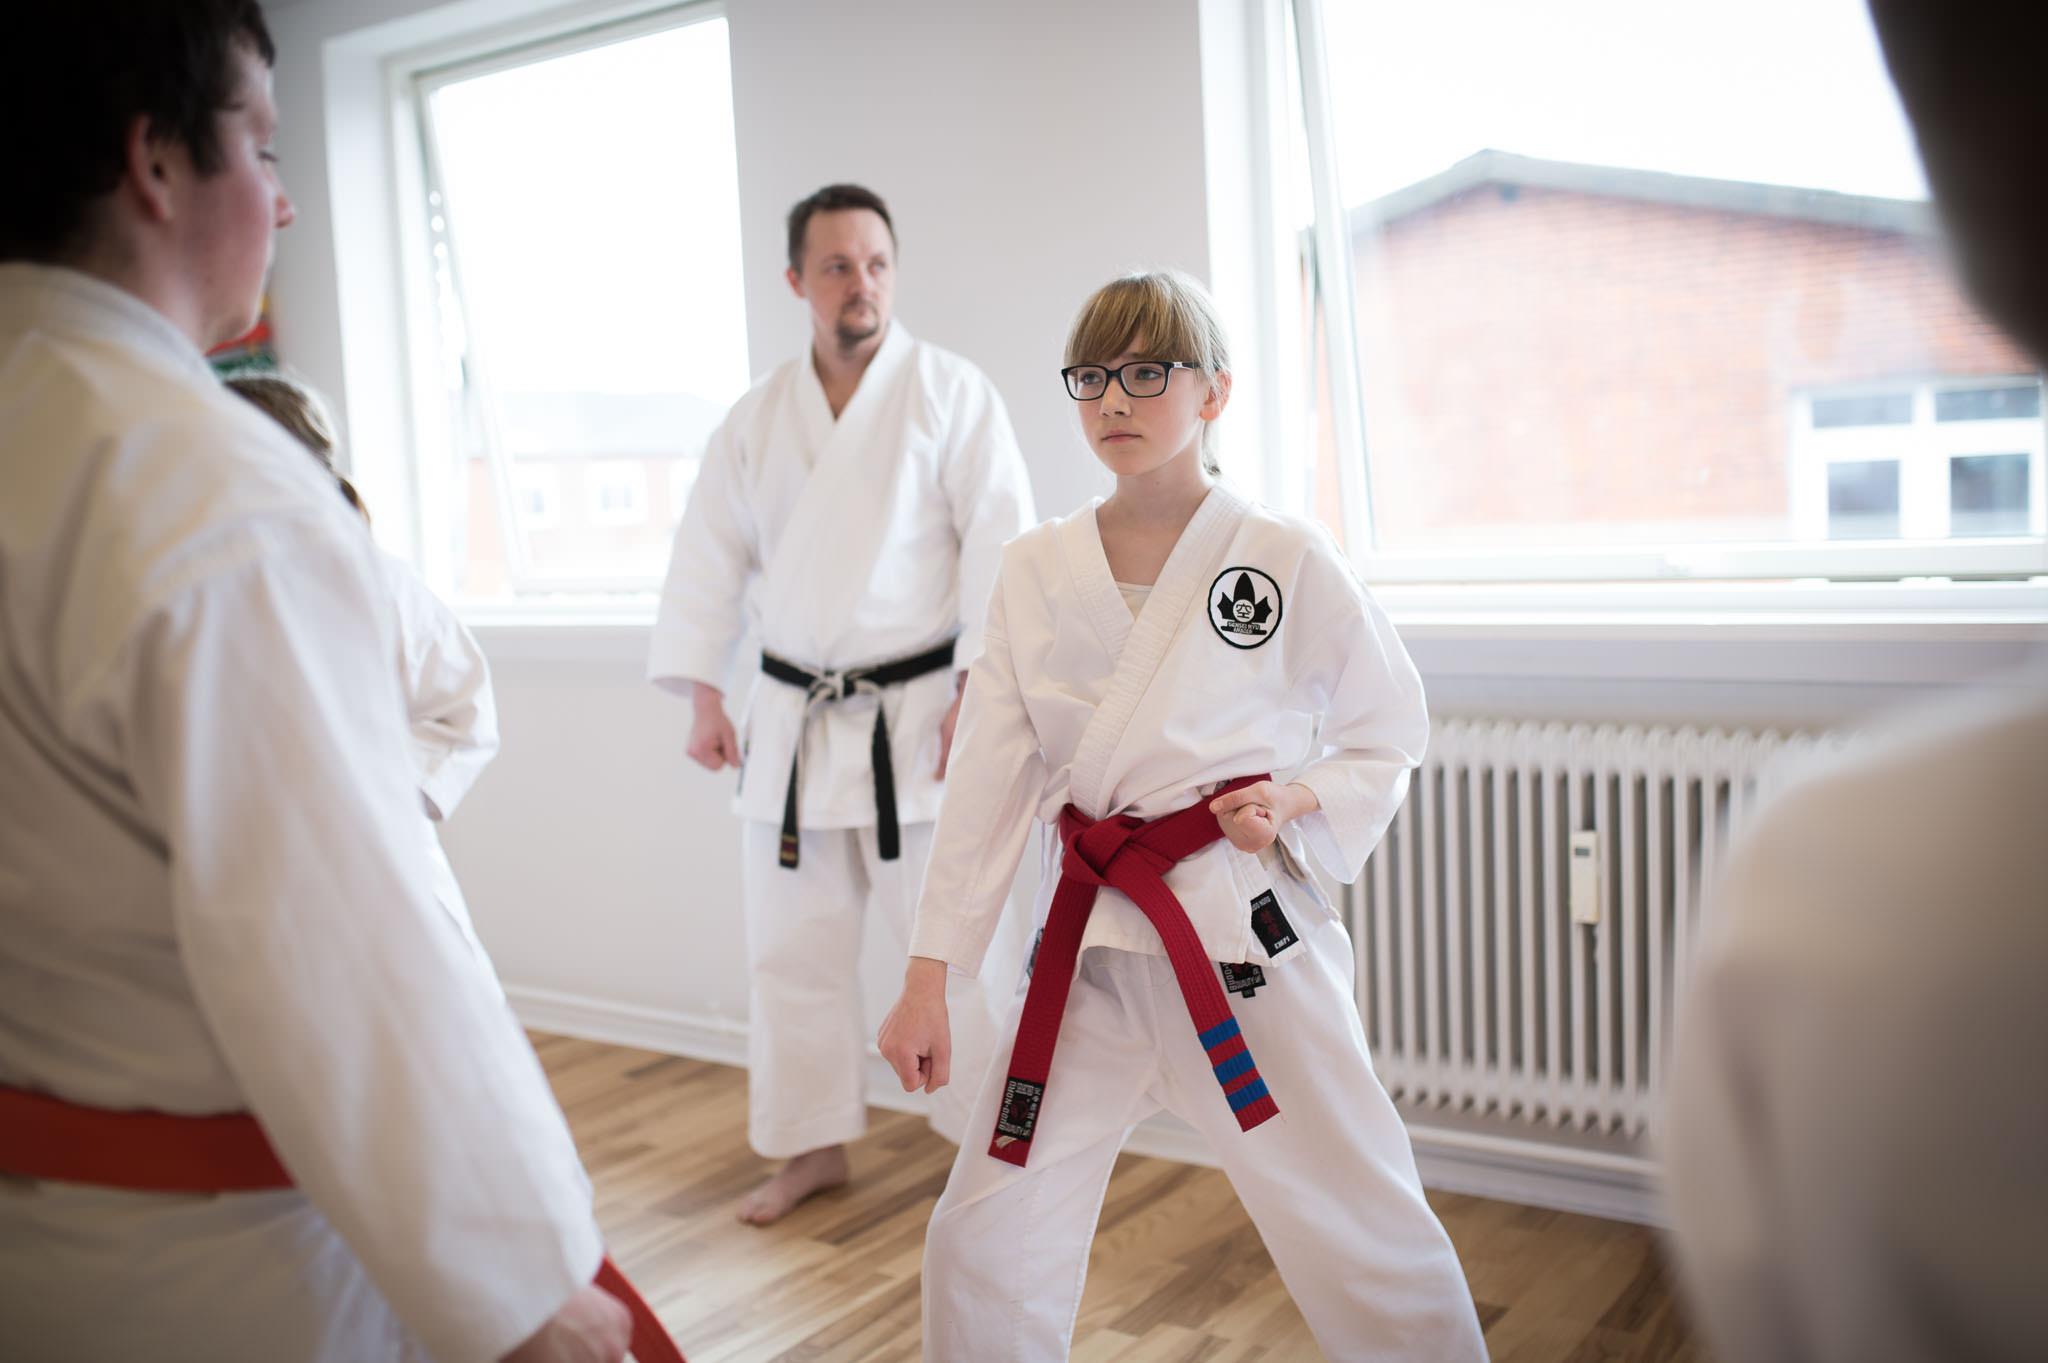 fotograf_jakob_kjoller_20160227-13-33-36-Karate-Honbu_Web